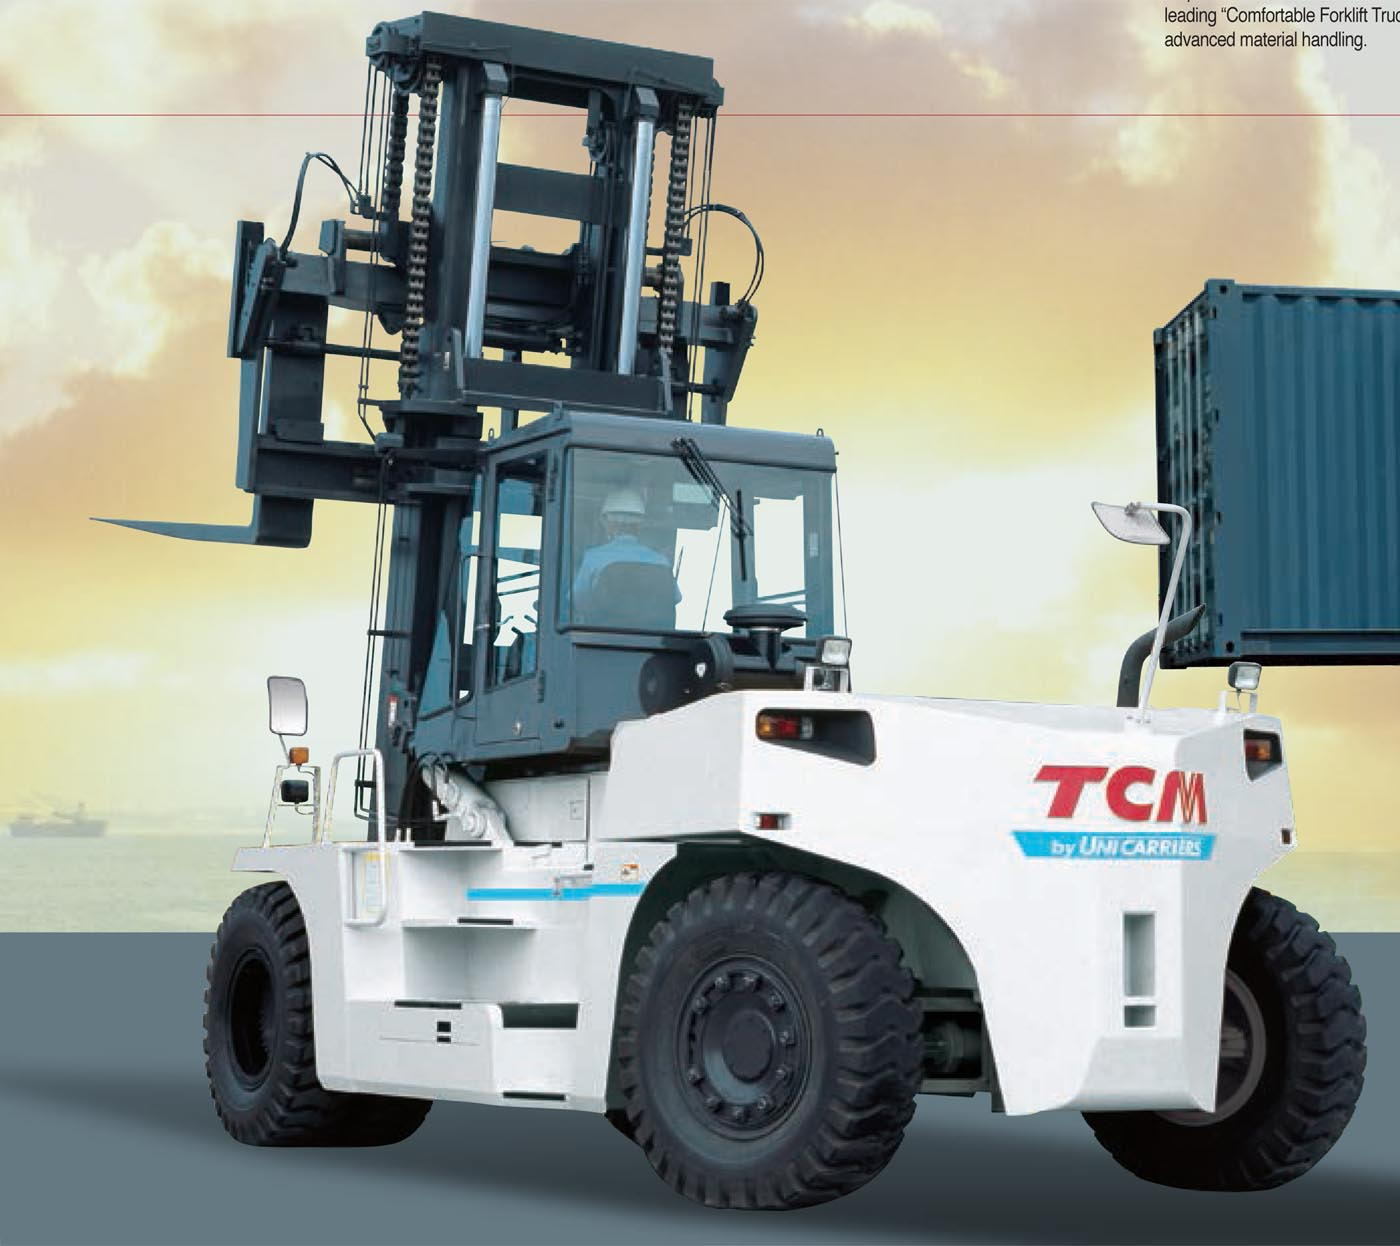 xe nâng hàng TCM